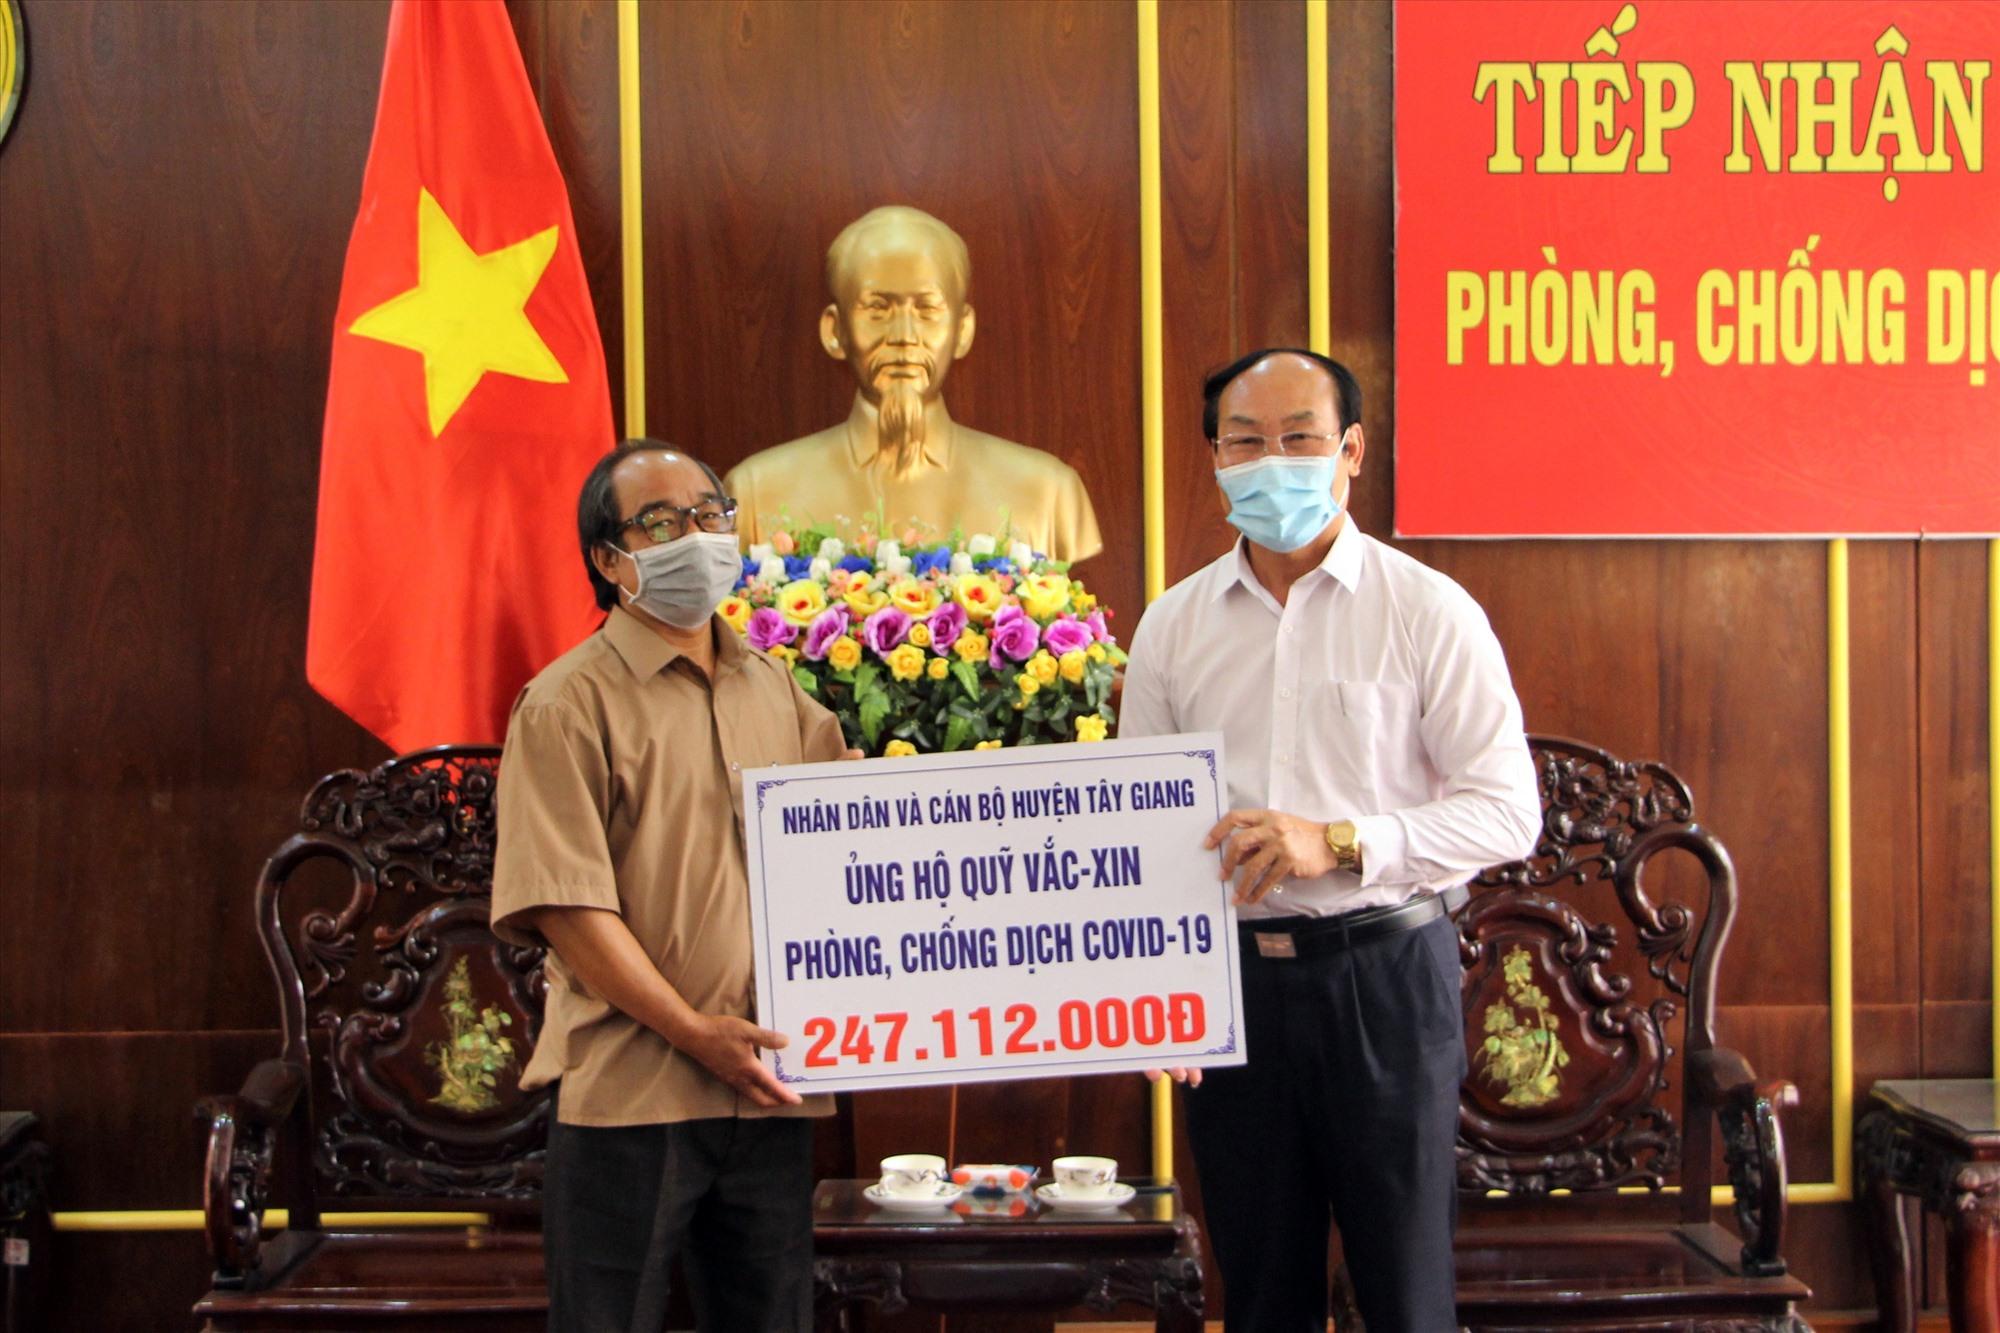 Chủ tịch Ủy ban MTTQ Việt Nam tỉnh - Võ Xuân Ca tiếp nhận tiền ủng hộ. Ảnh: V.A